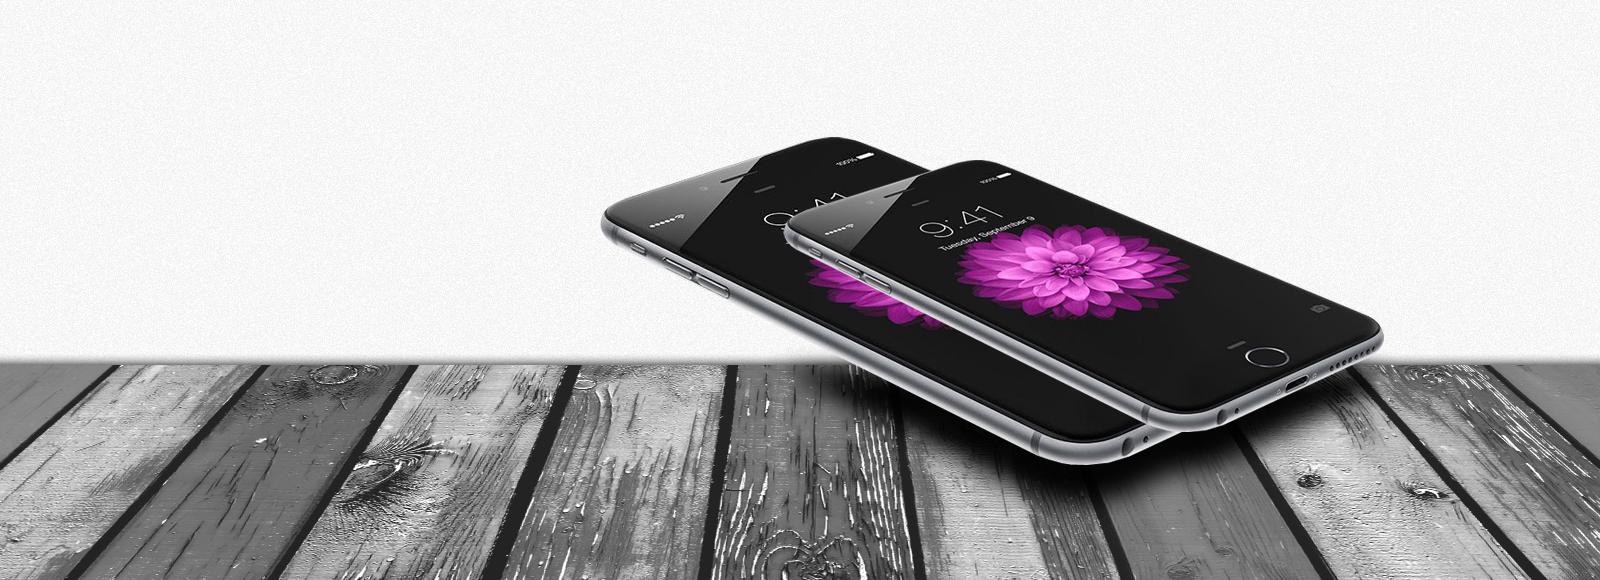 iPhone inkoop